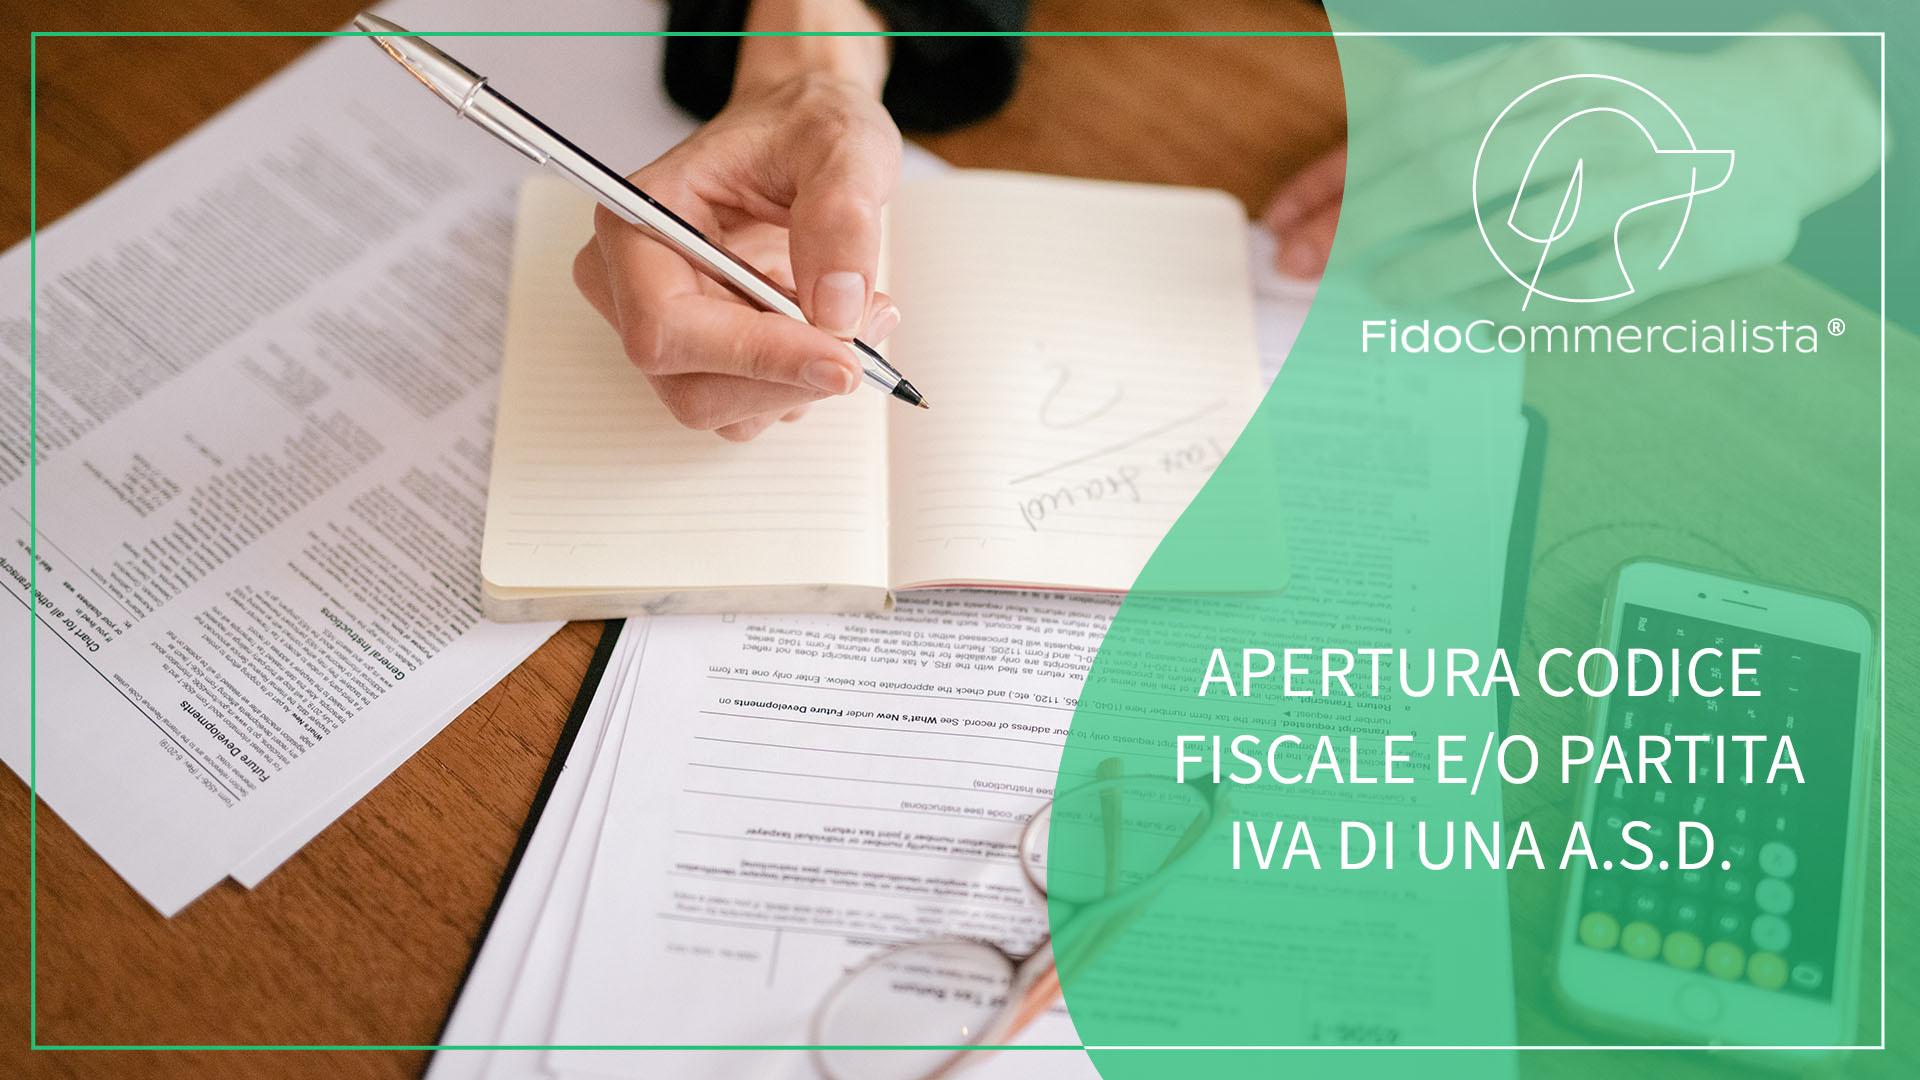 APERTURA CODICE FISCALE E PARTITA IVA ASD